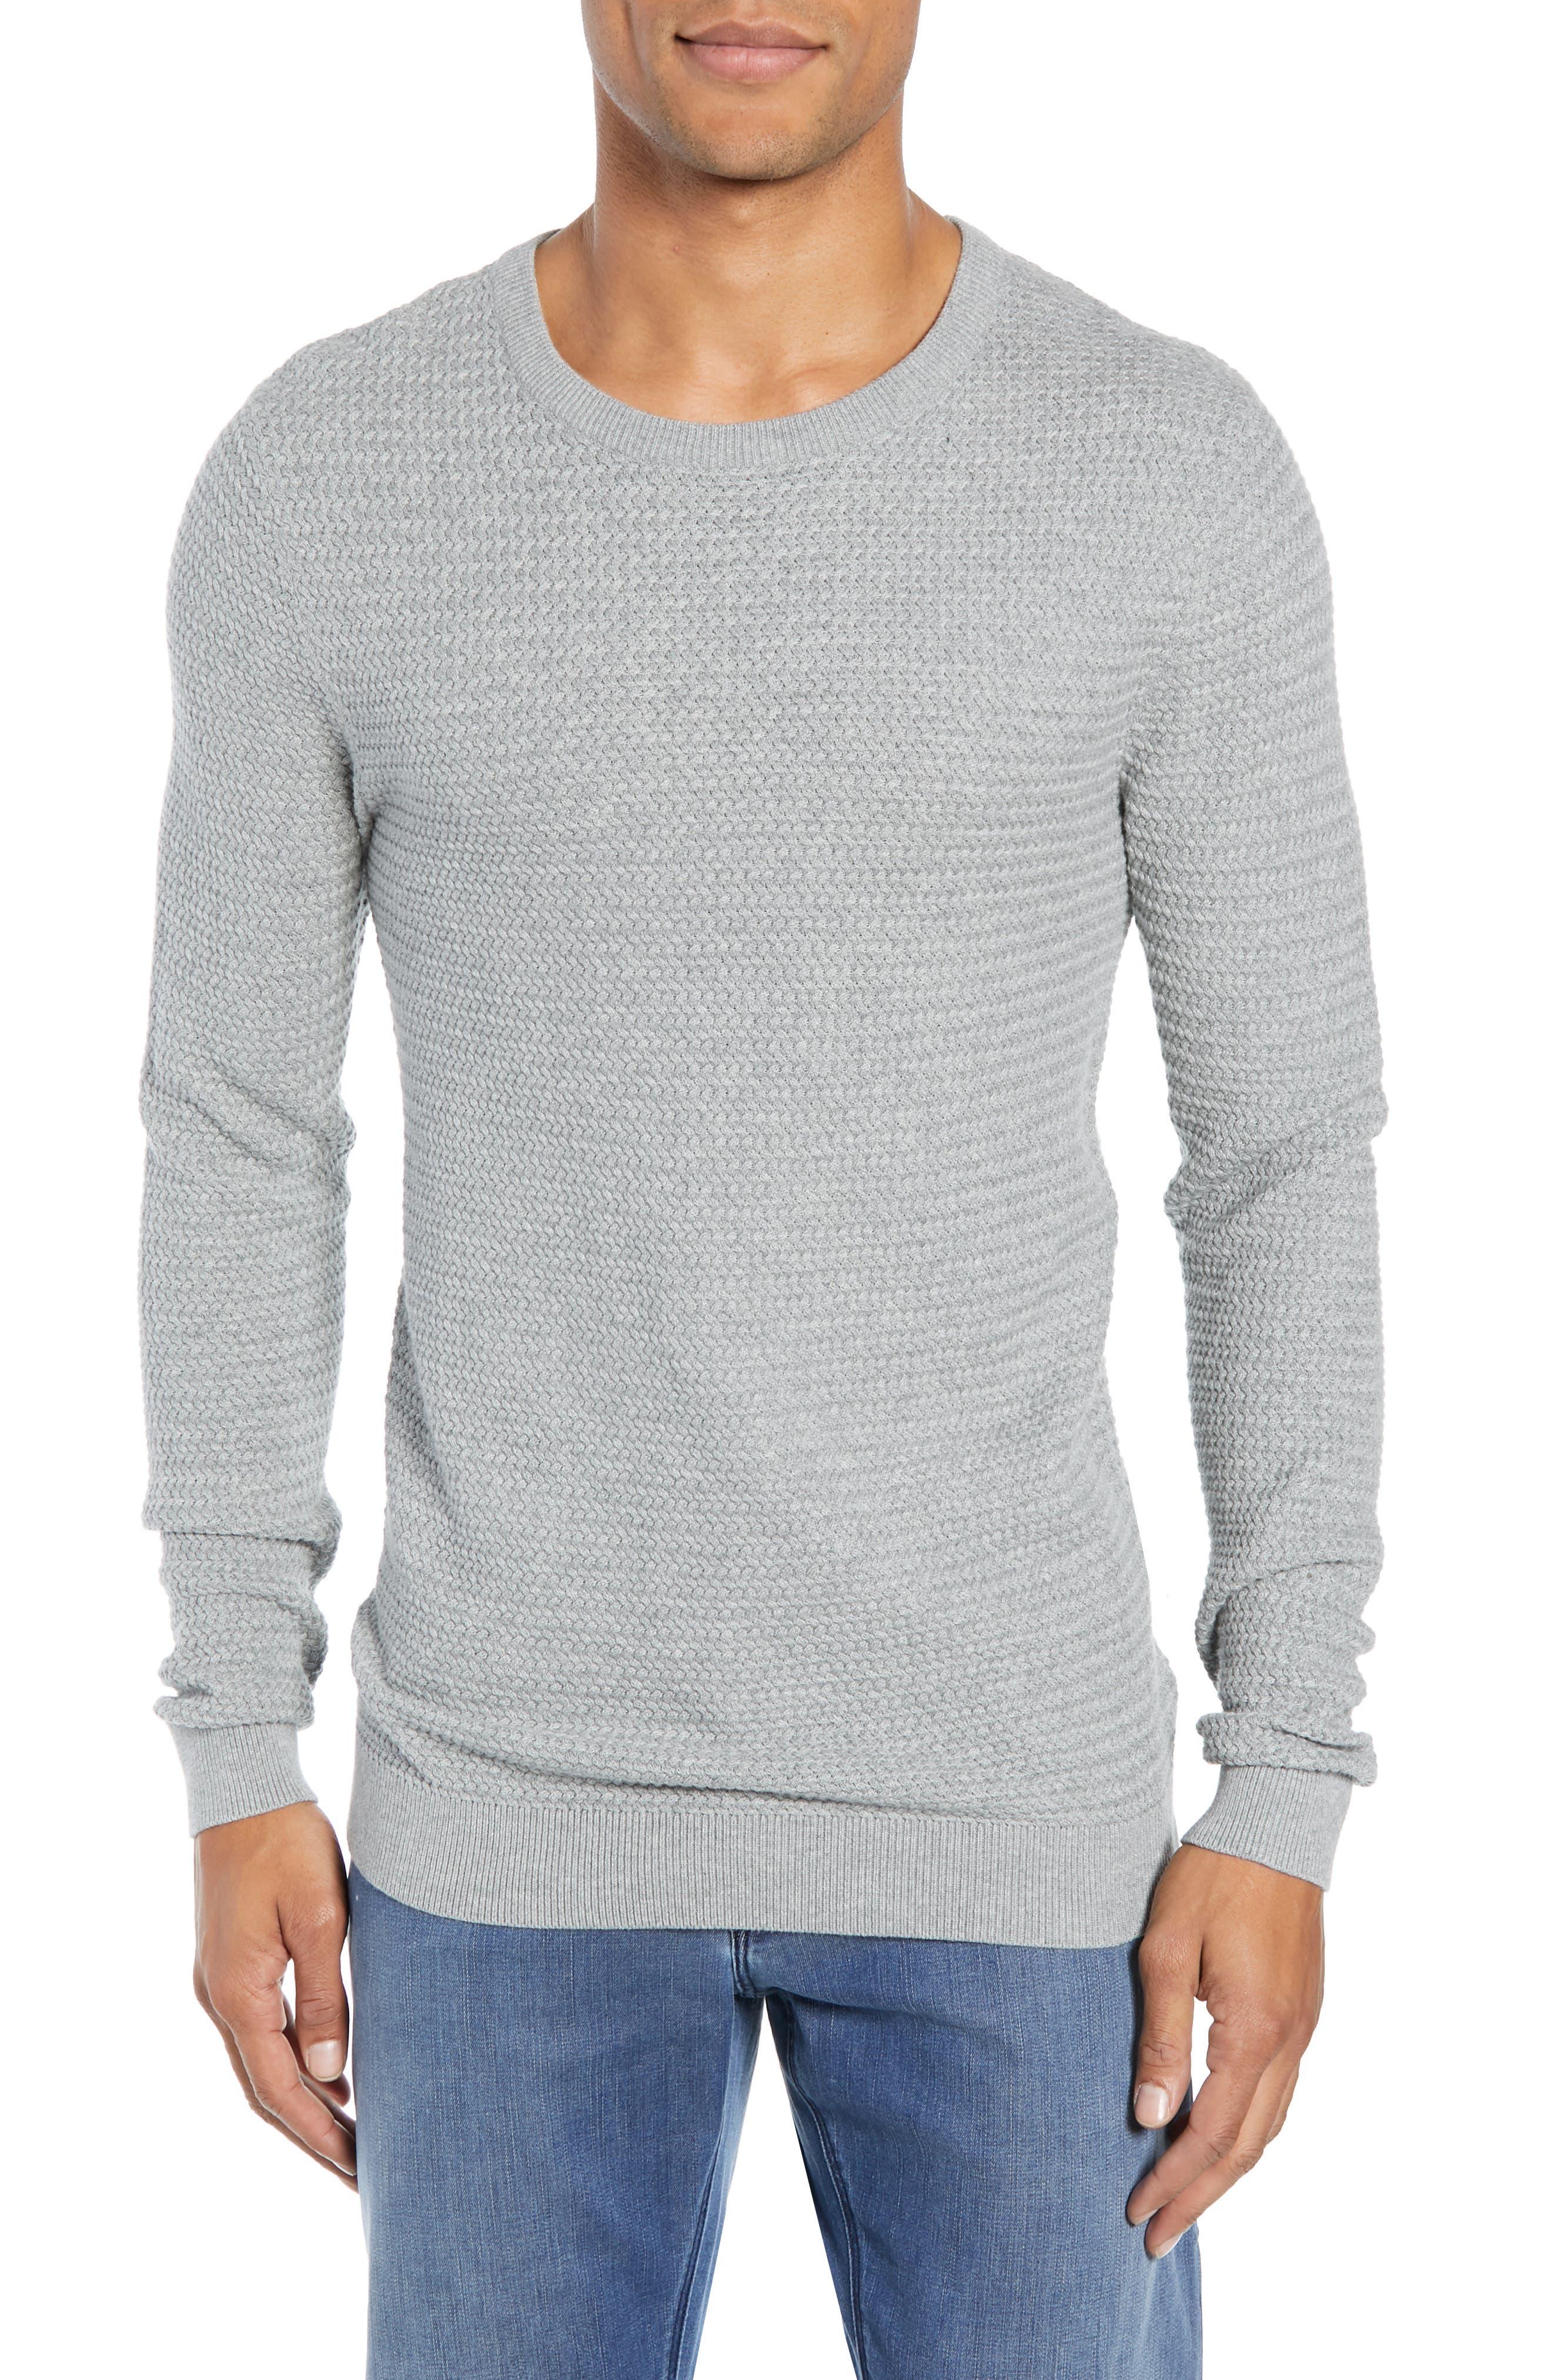 Martin Regular Fit Crewneck Sweater,                         Main,                         color, MEDIUM GREY